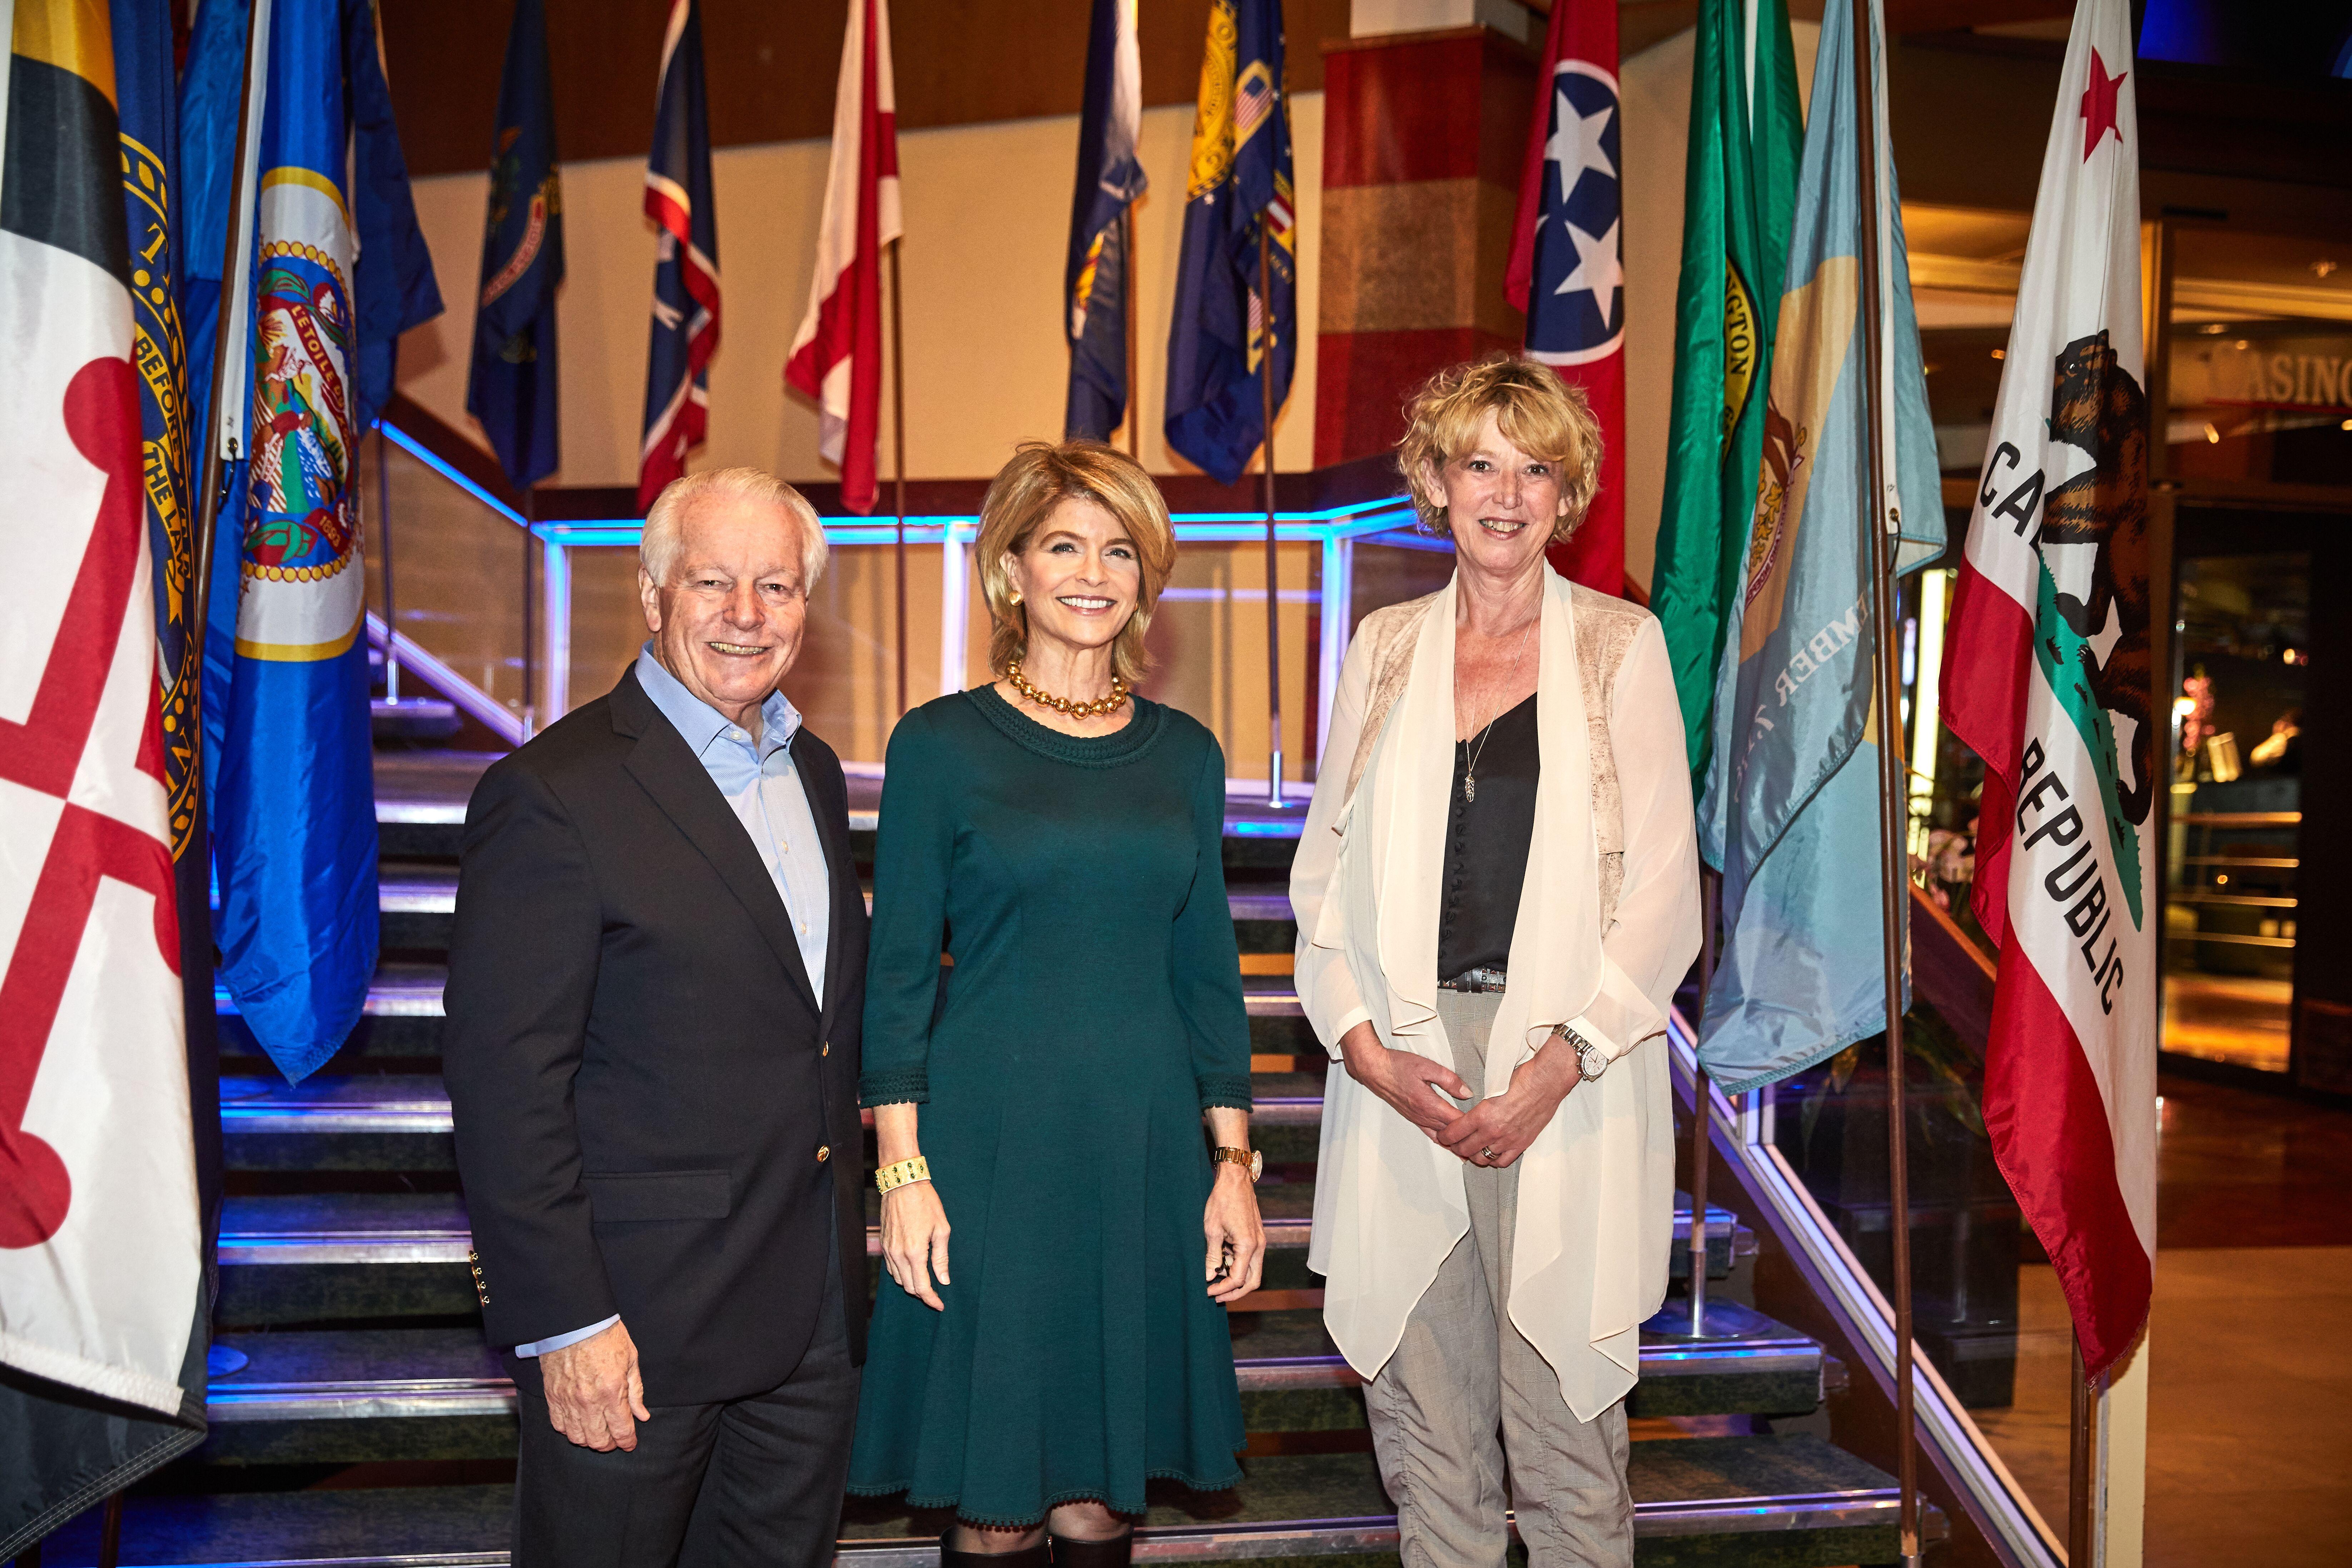 Roger J. Dow, administrerende direktør for U.S. Travel Association, besøgte for første gang USA Travel Show i København. Her med ambassadør Carla Sands i midten og direktør for den danske Discover America-komite, Karin Gert Nielsen.